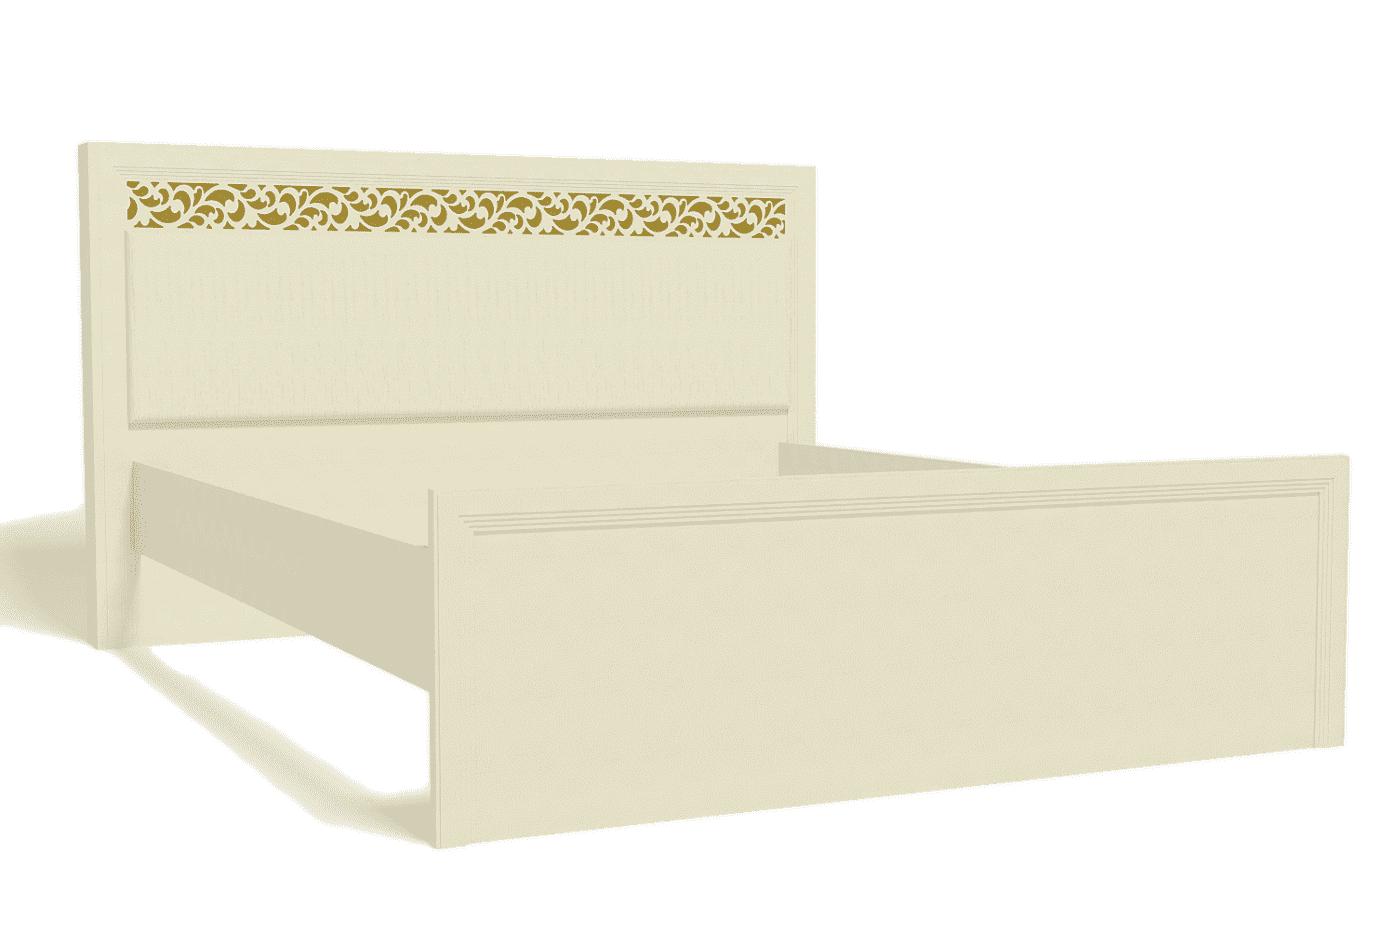 Кровать Ливадия Л8б 180*200 см, без ортопеда, без матраса